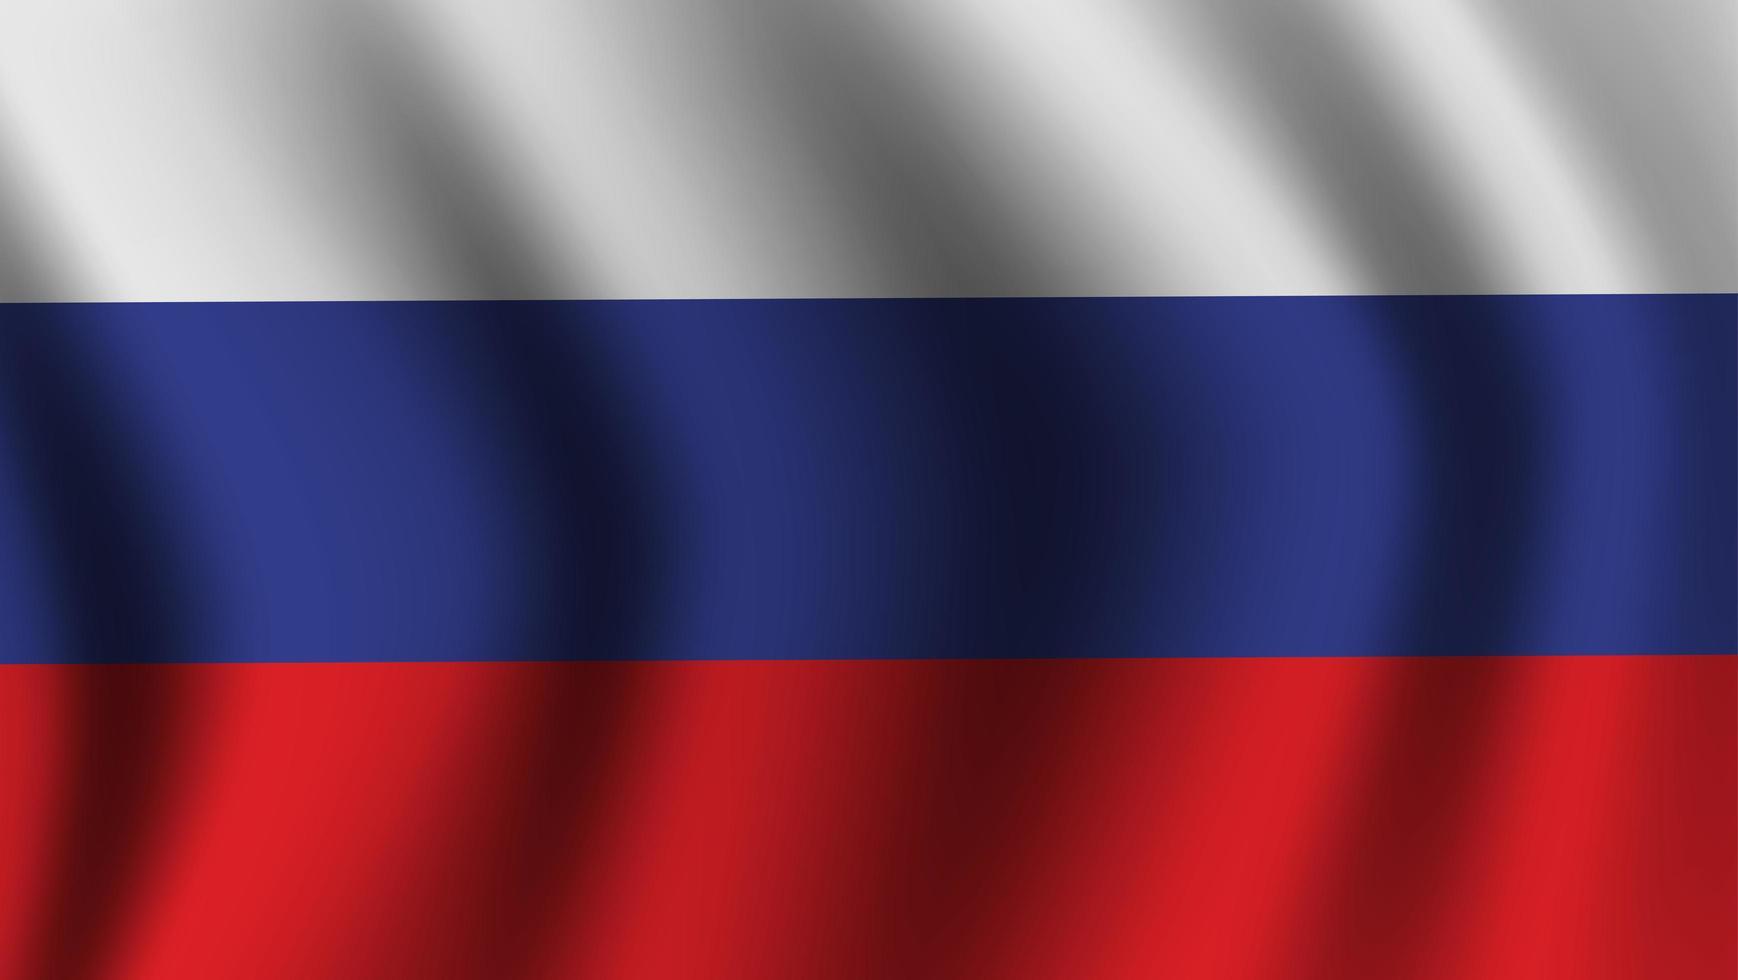 drapeau russe ondulant réaliste vecteur